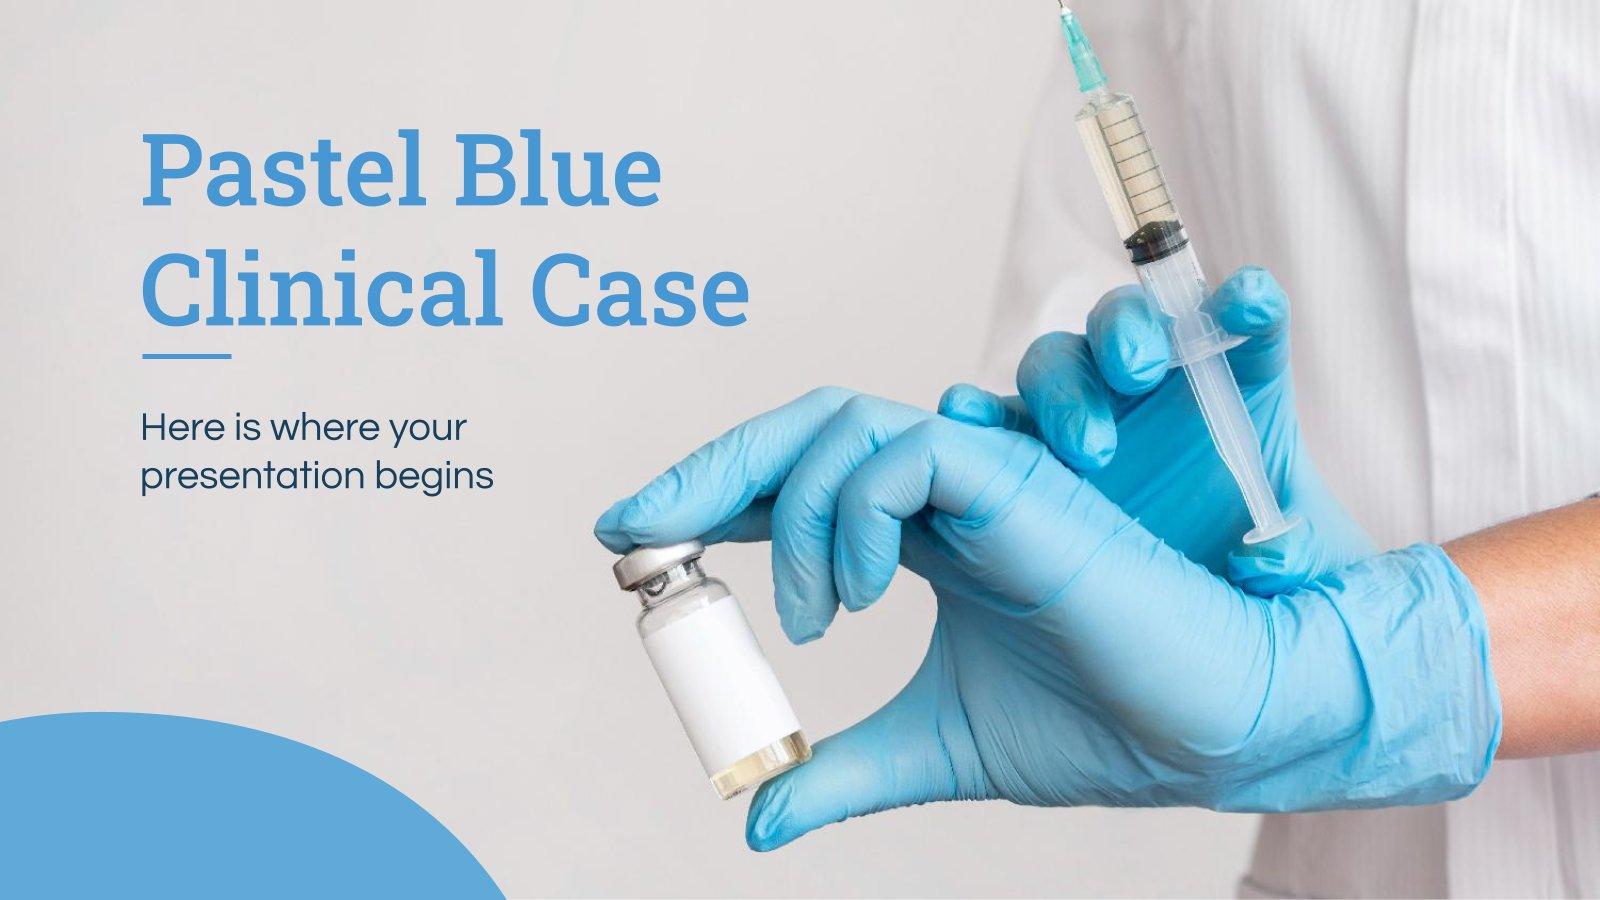 Plantilla de presentación Caso clínico azul pastel